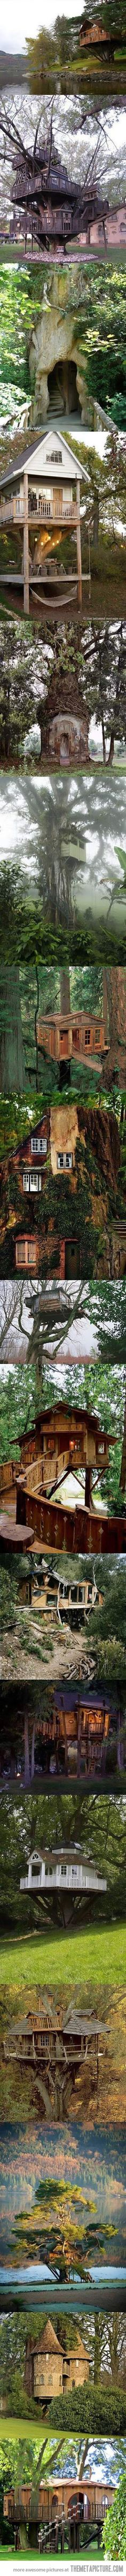 I need a grownup tree house…